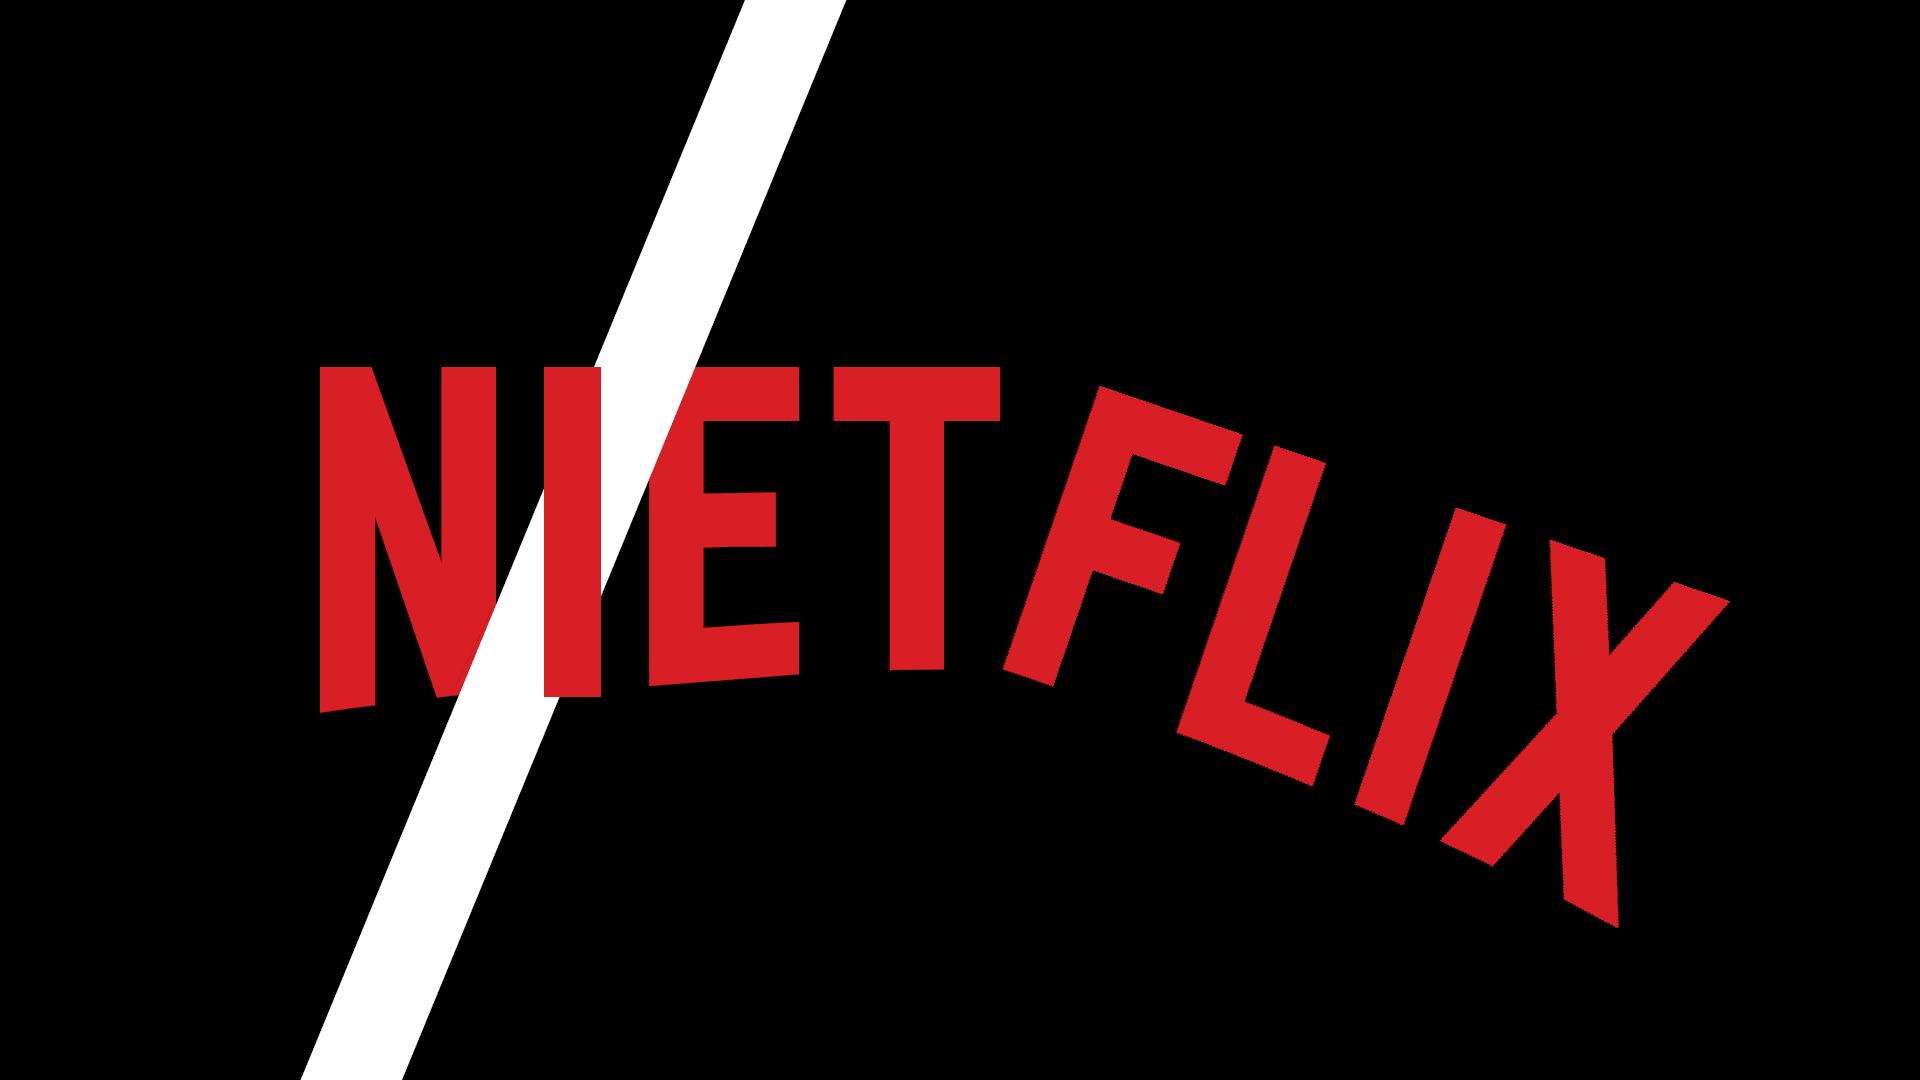 Niet-flix (czyli Nie dla Netflixa)